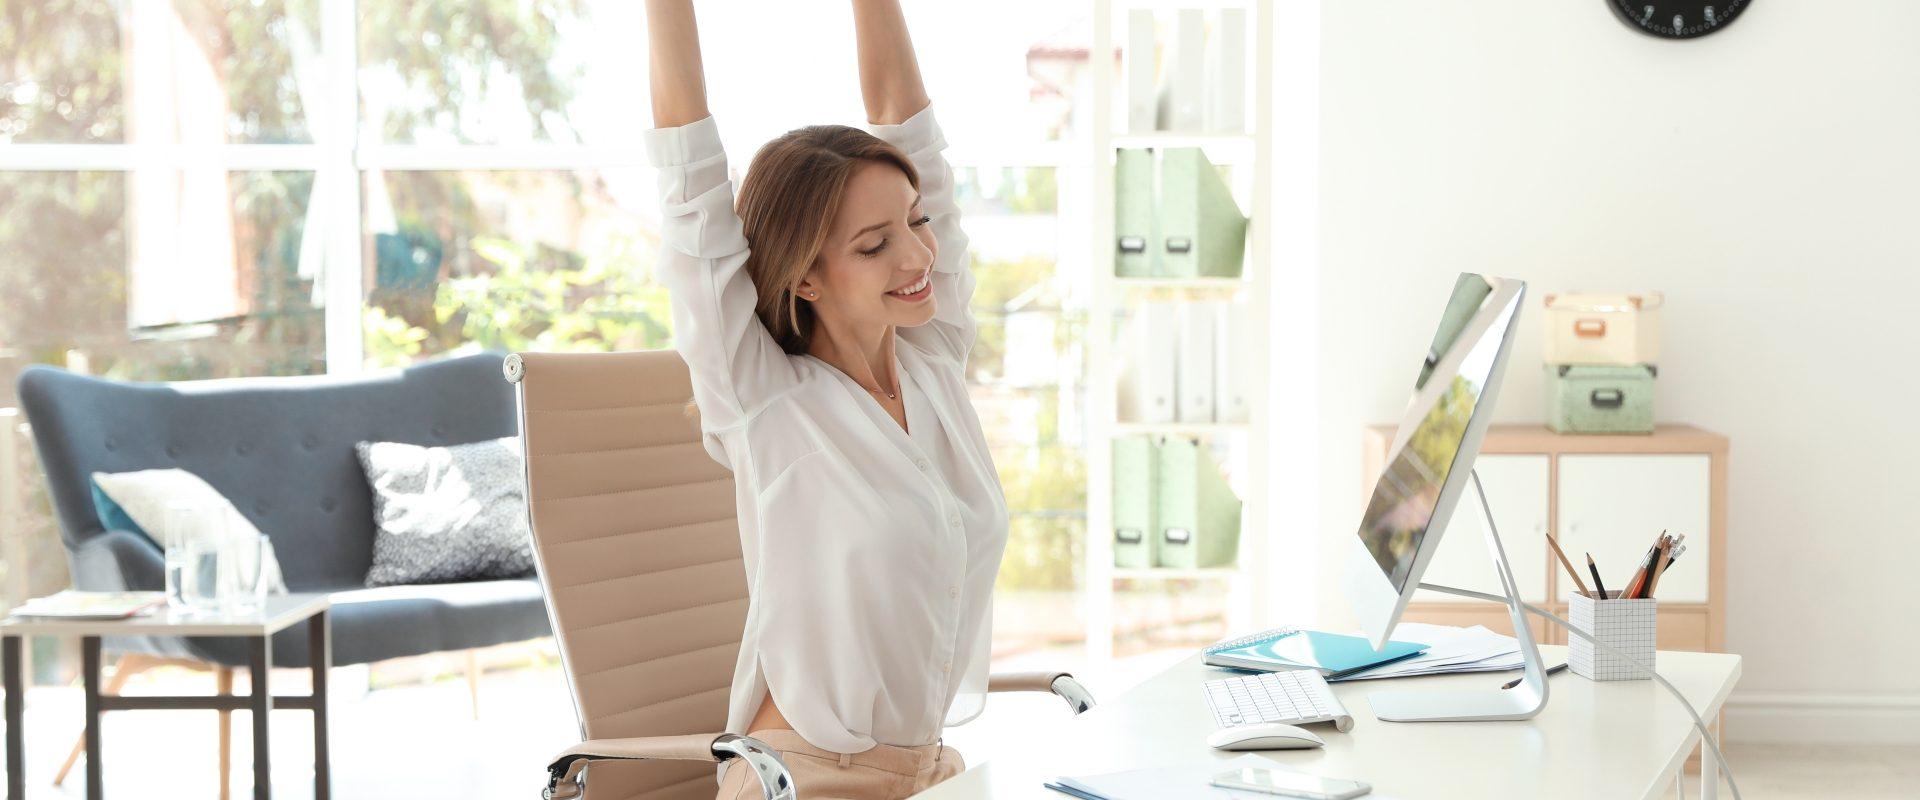 Ćwiczenia przy biurku - jak je wykonać?